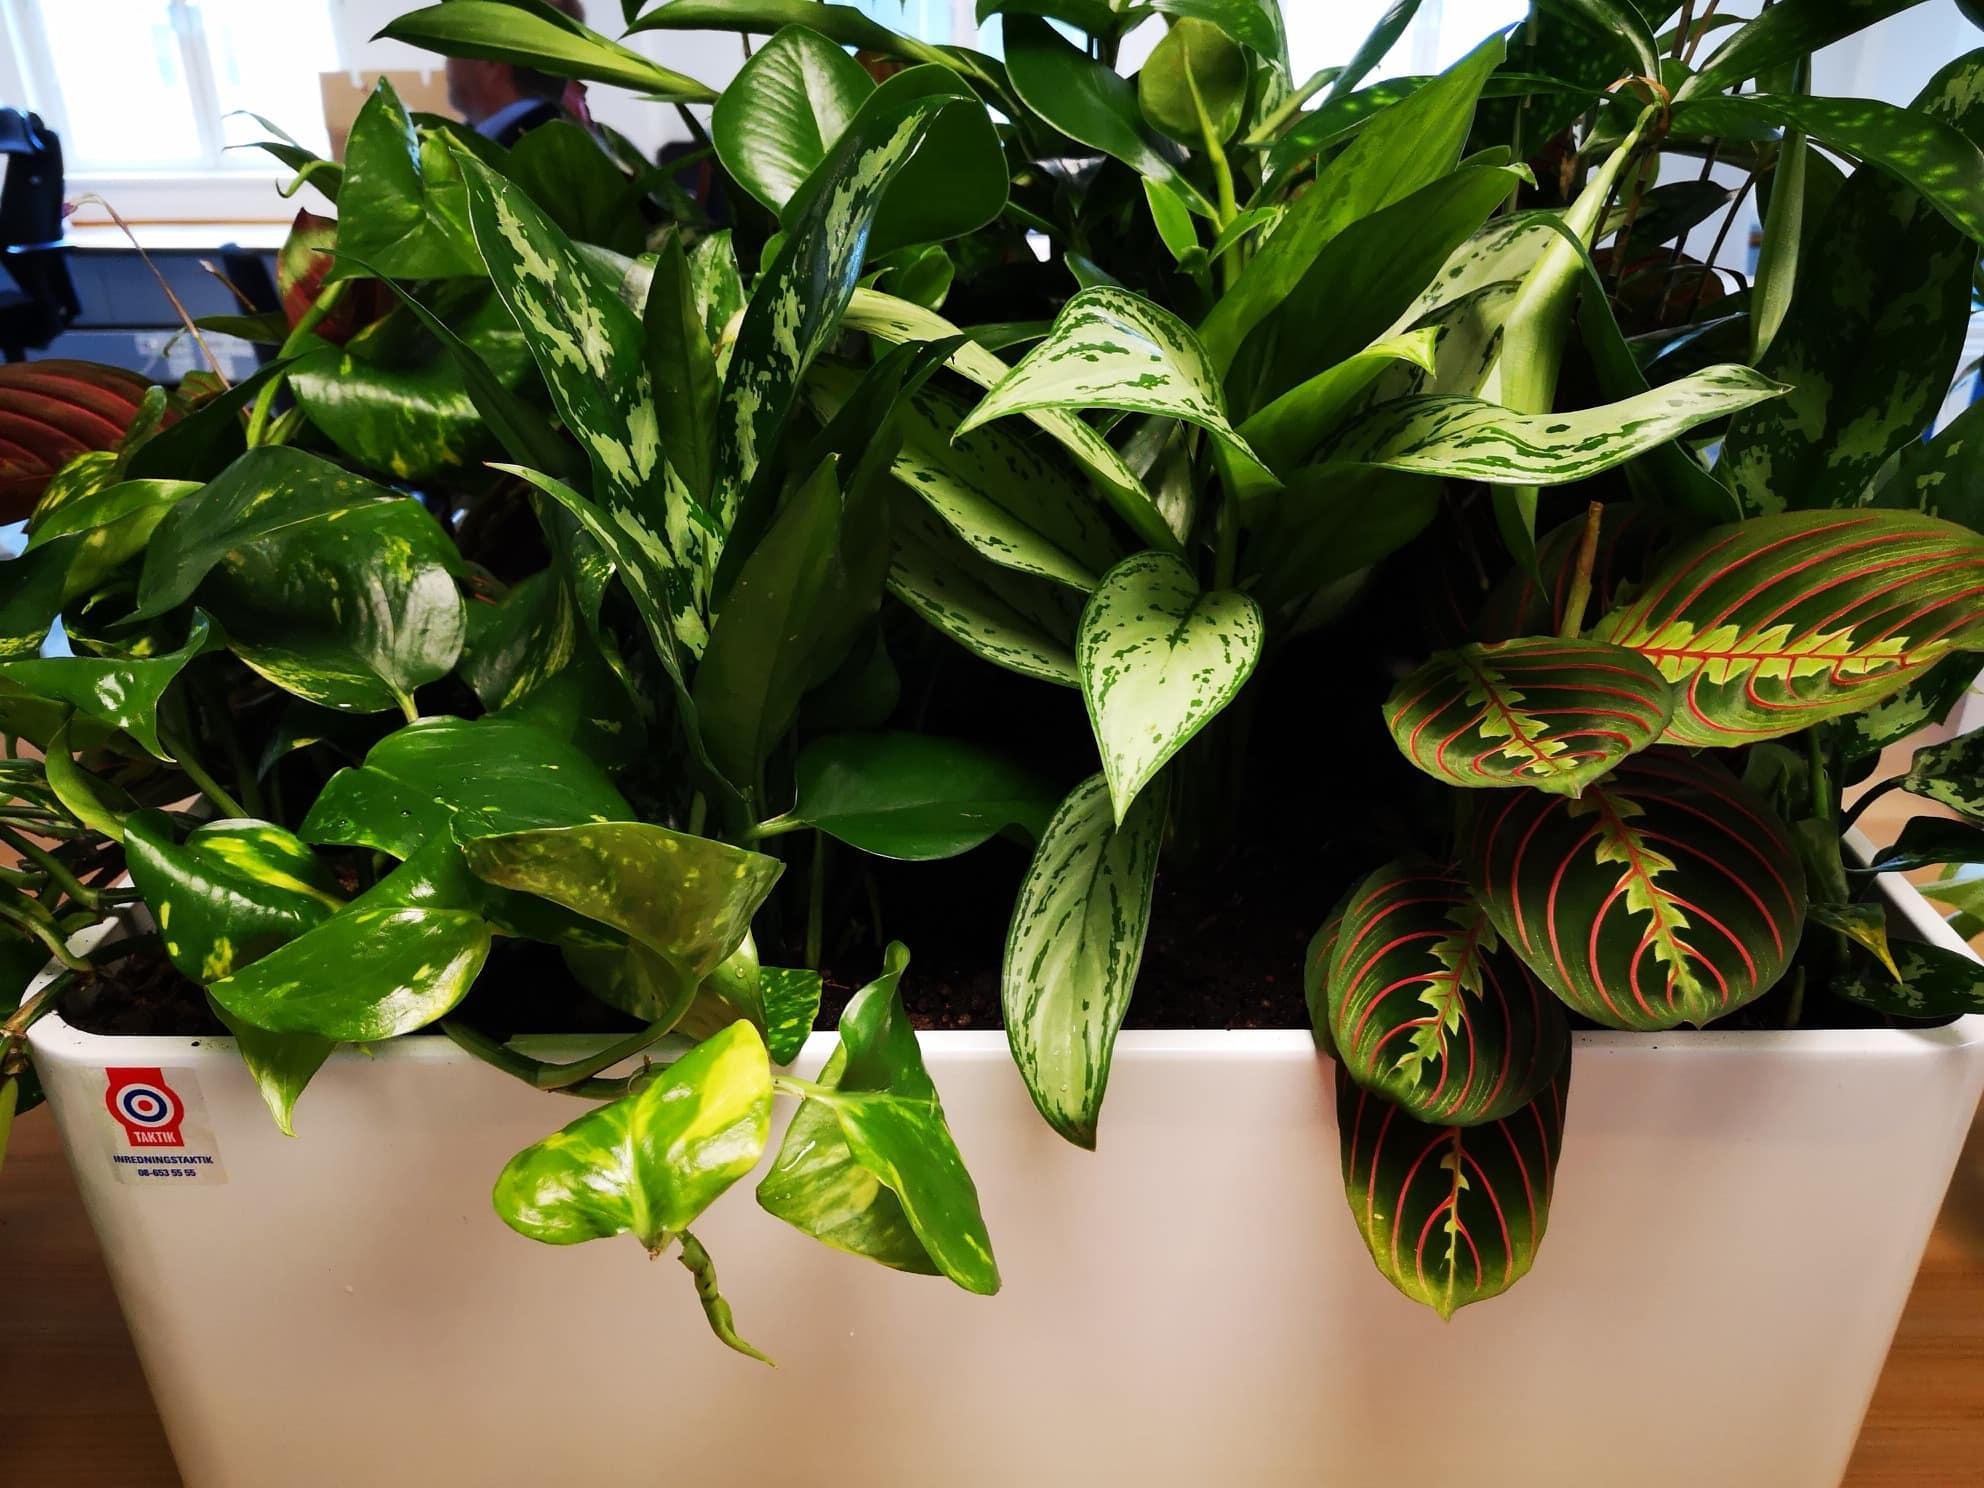 Växtservice - köp & hyr växter